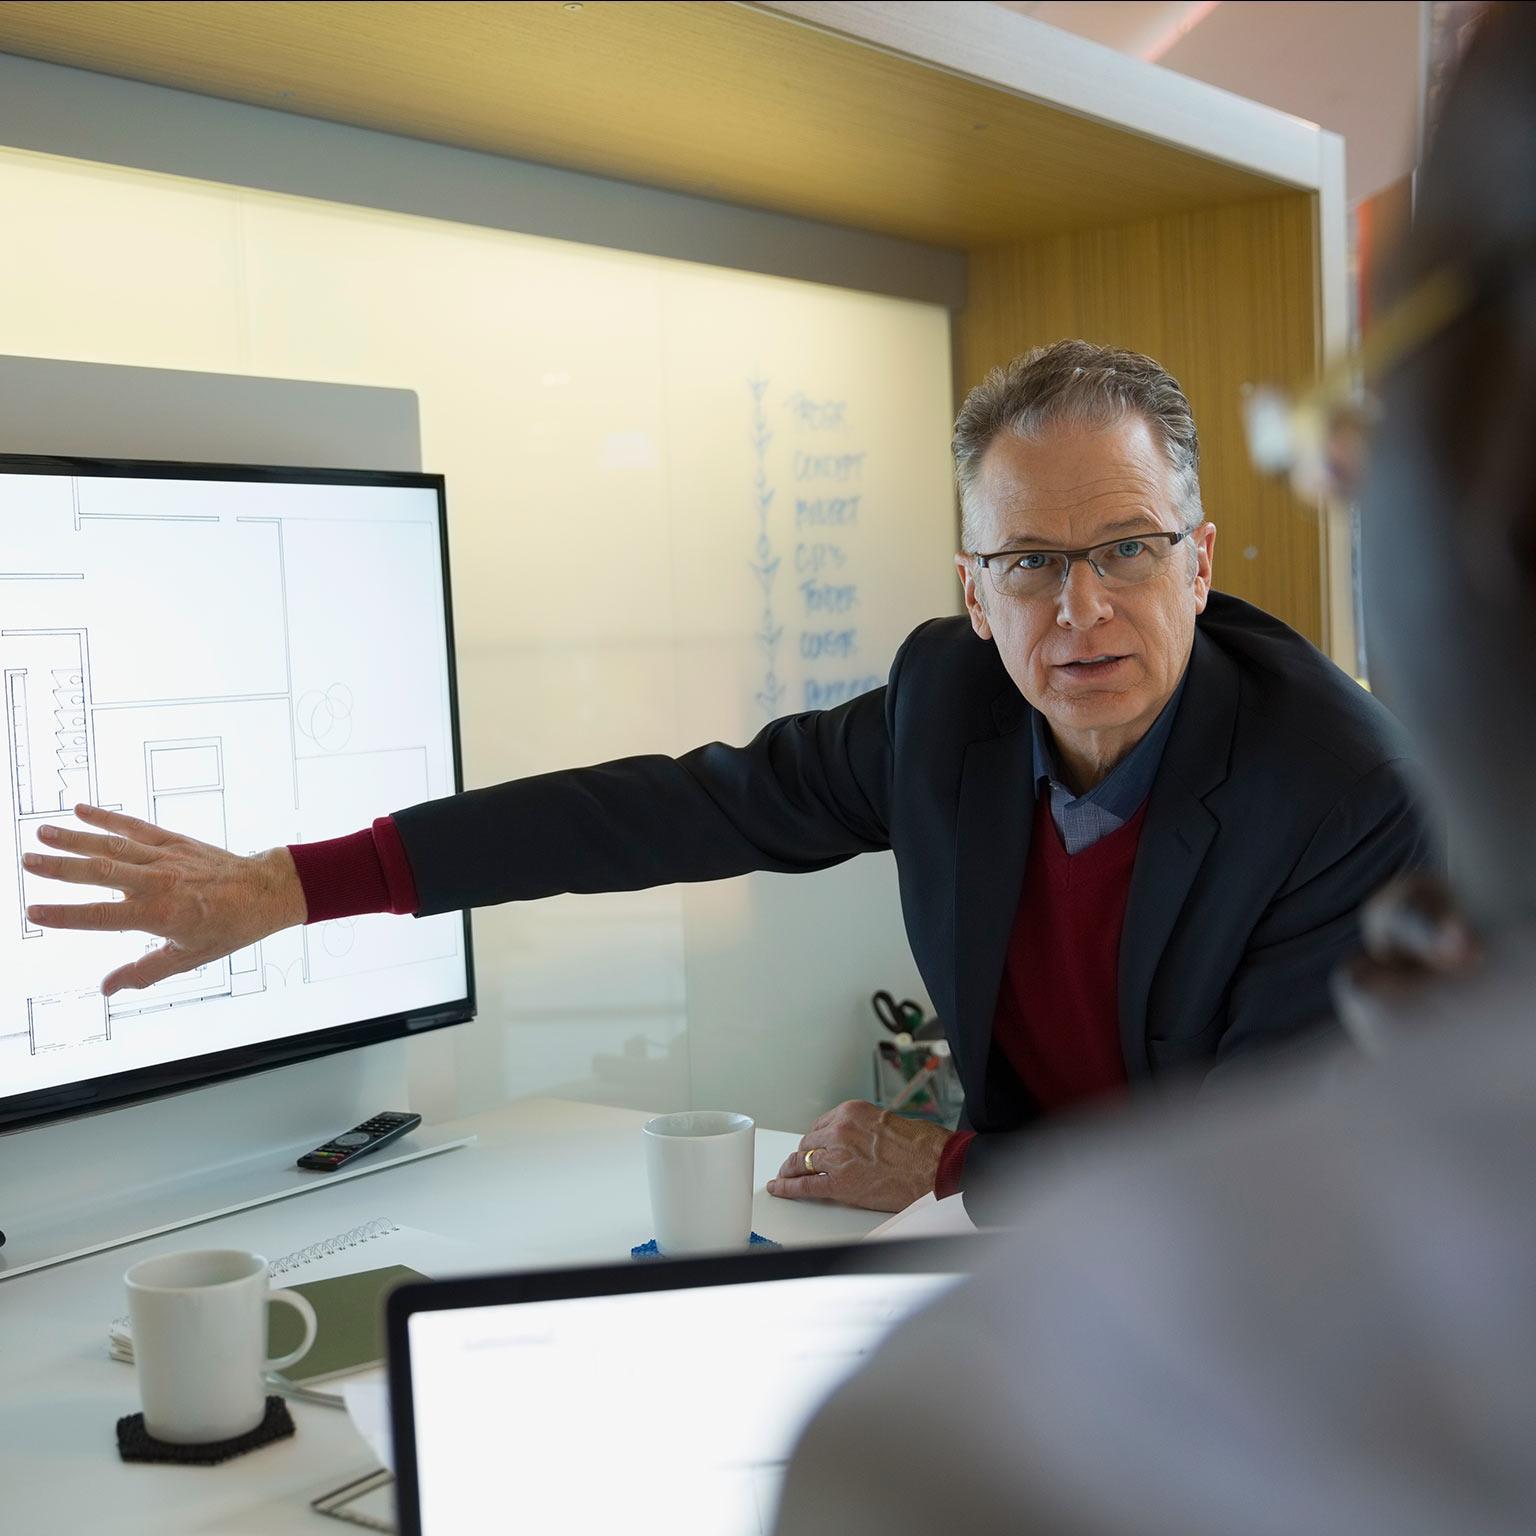 How incumbents become digital disruptors